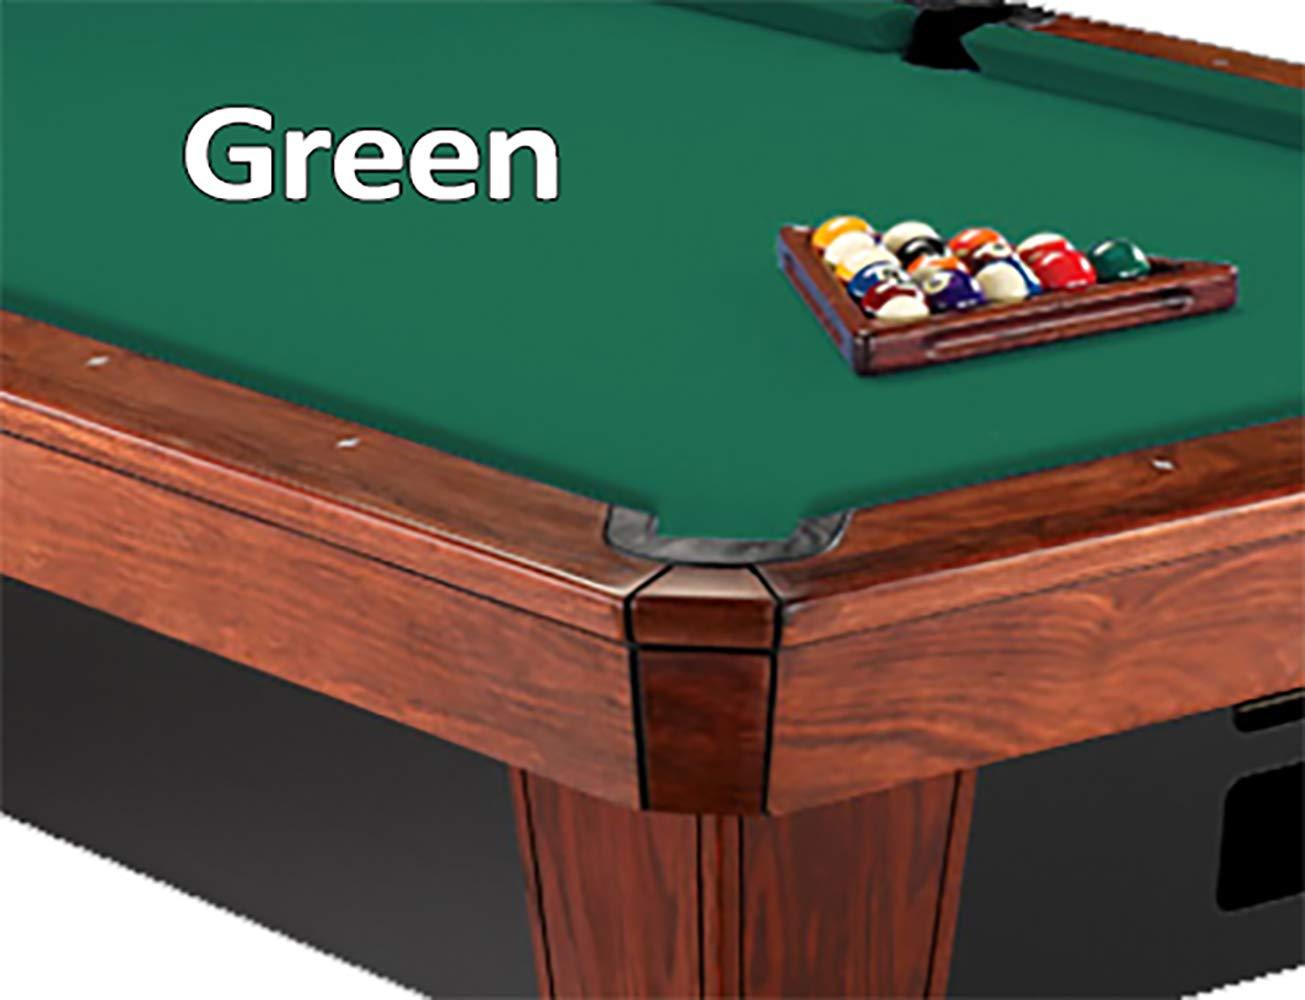 9 'シモニスクロス860グリーンPool 9 Table Table Clothフェルト Clothフェルト B00D4CQ7A8 Parent, 美瑛町:c4b9aabb --- m2cweb.com